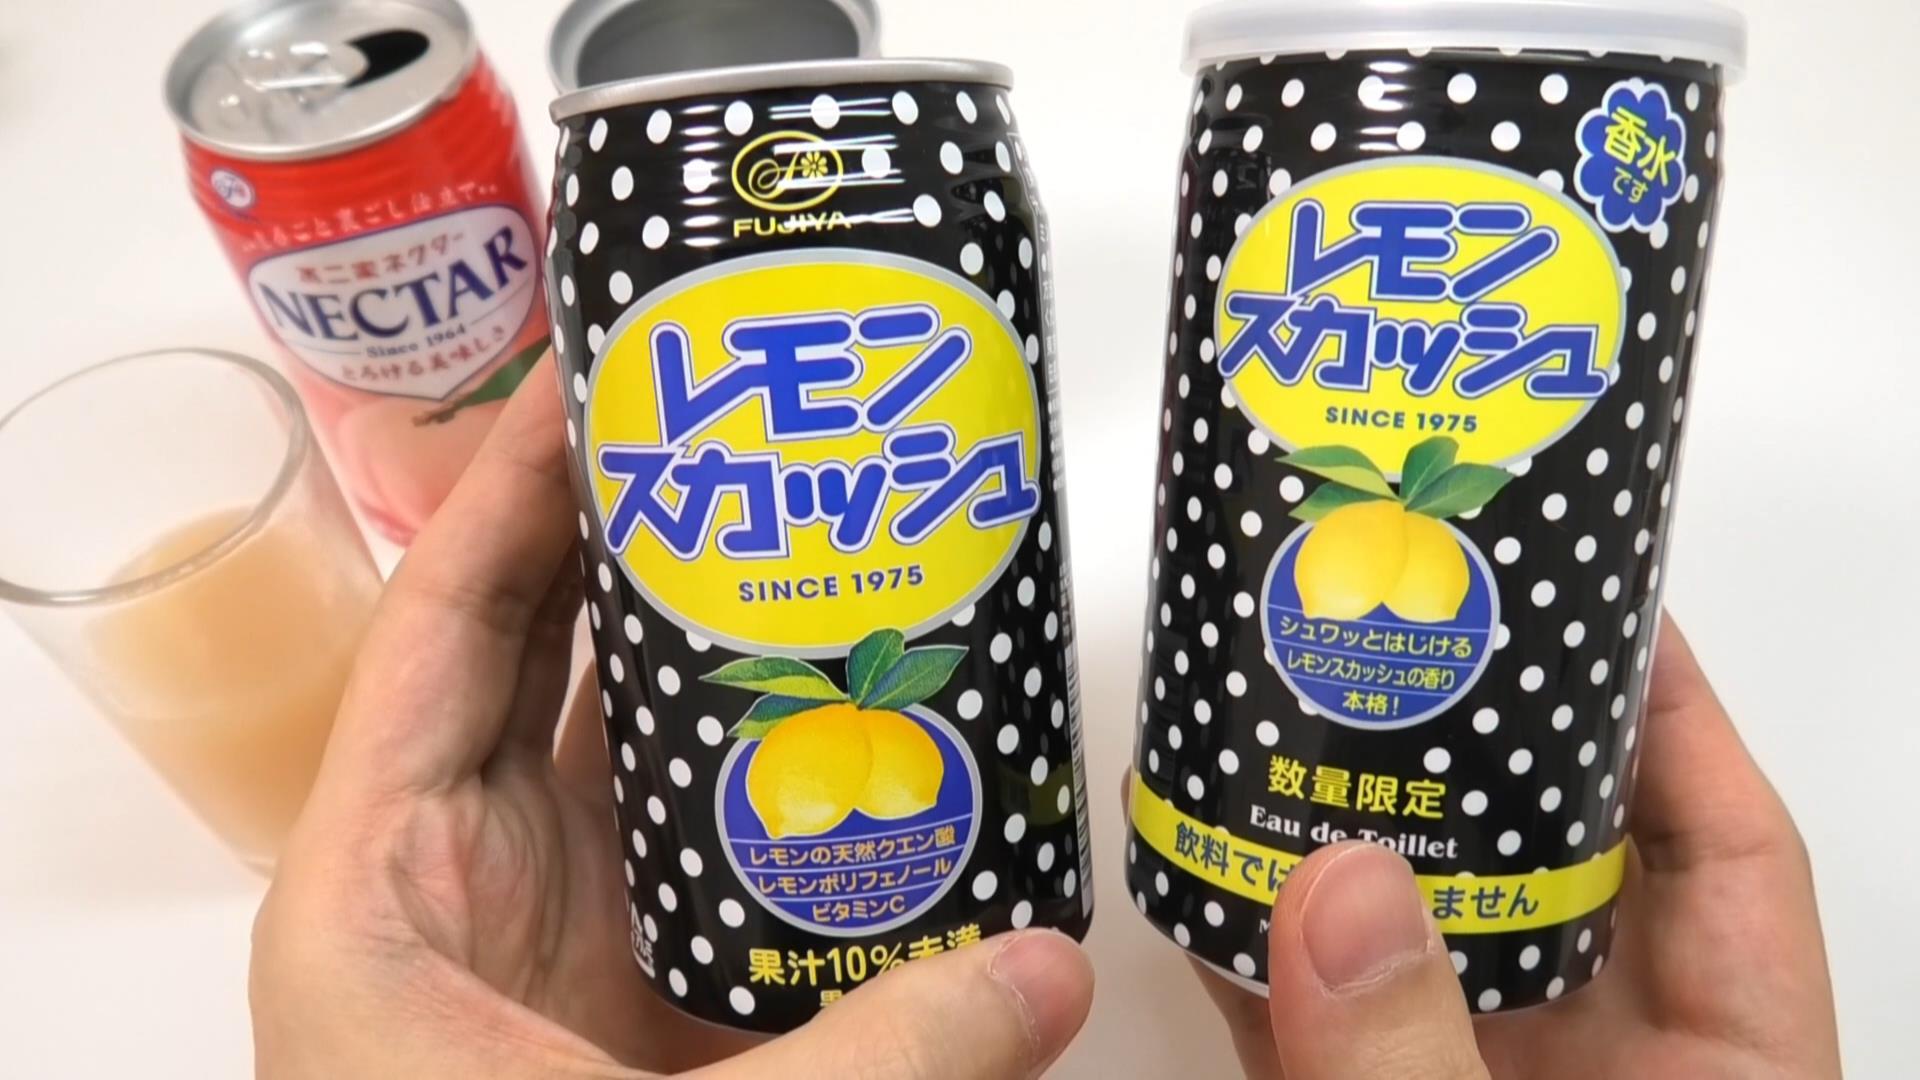 左がレモンスカッシュで右が香水